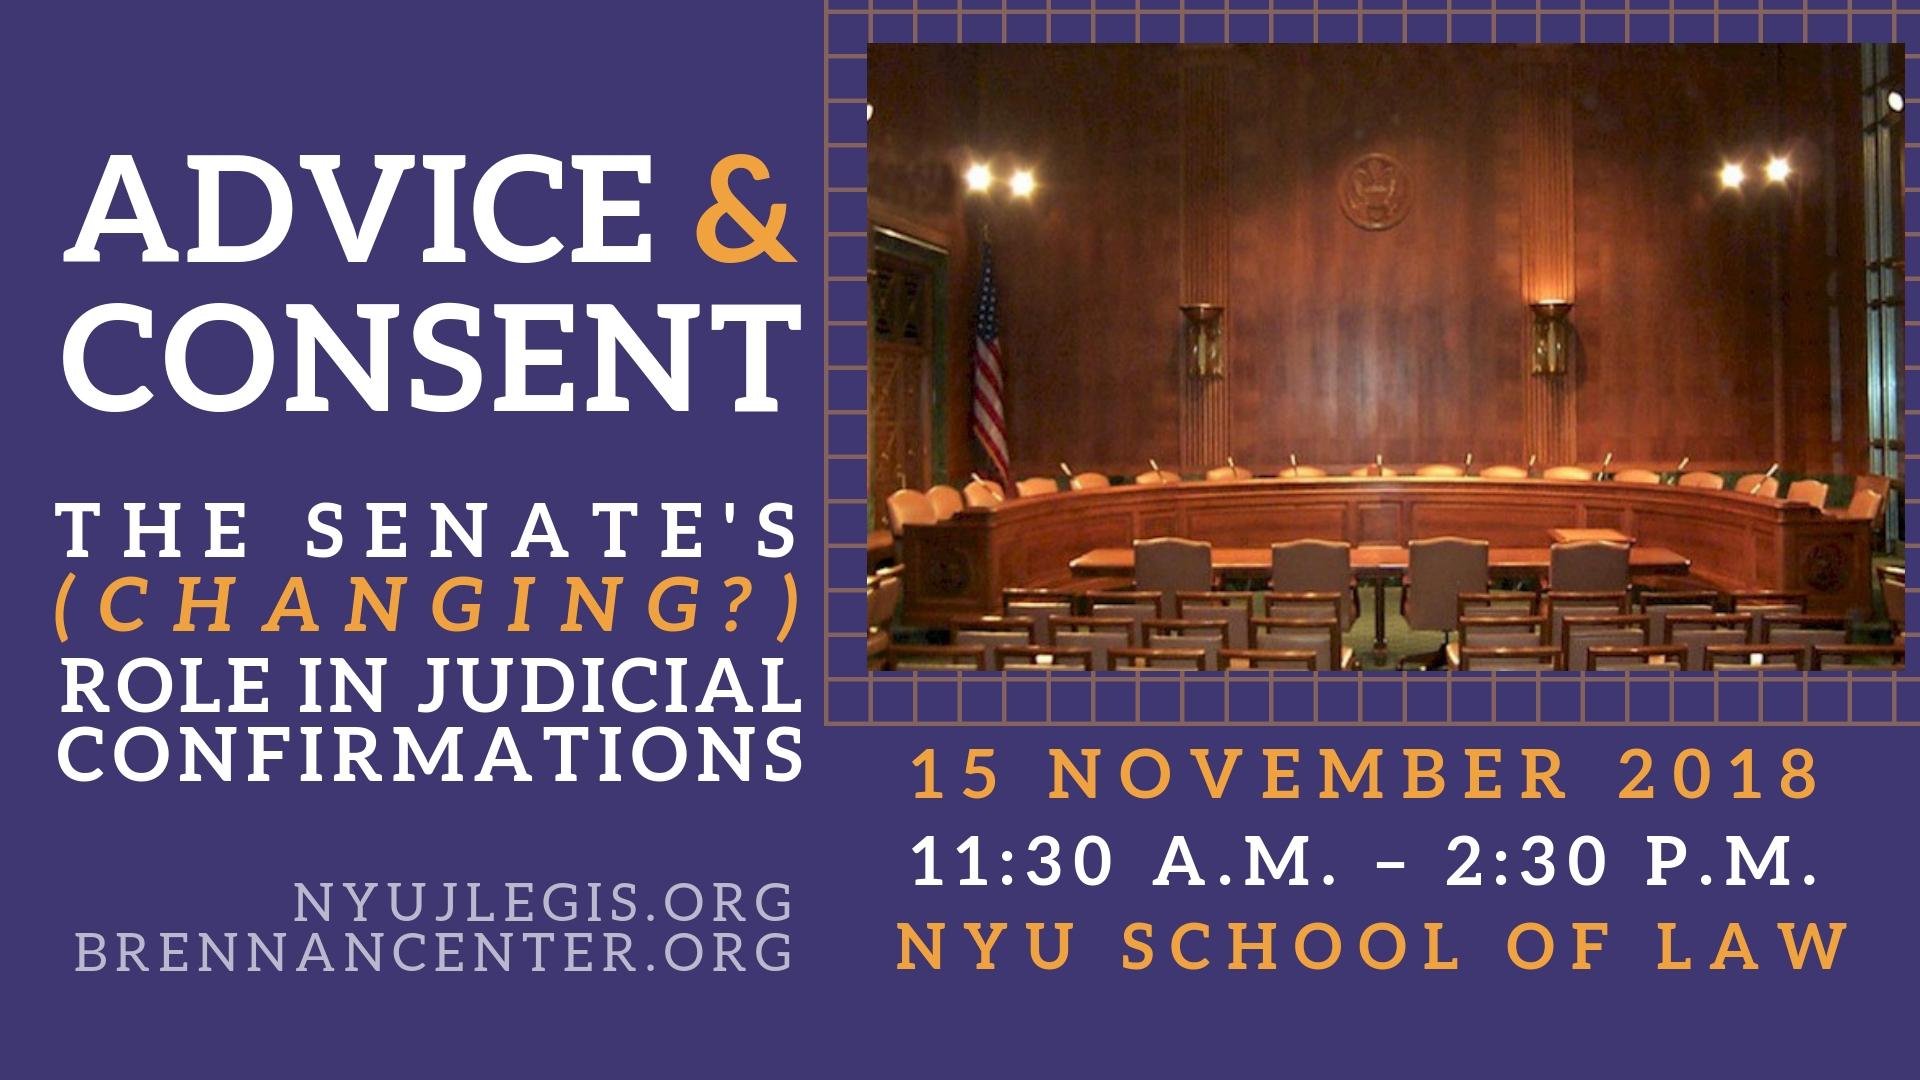 JudicialConfirmations